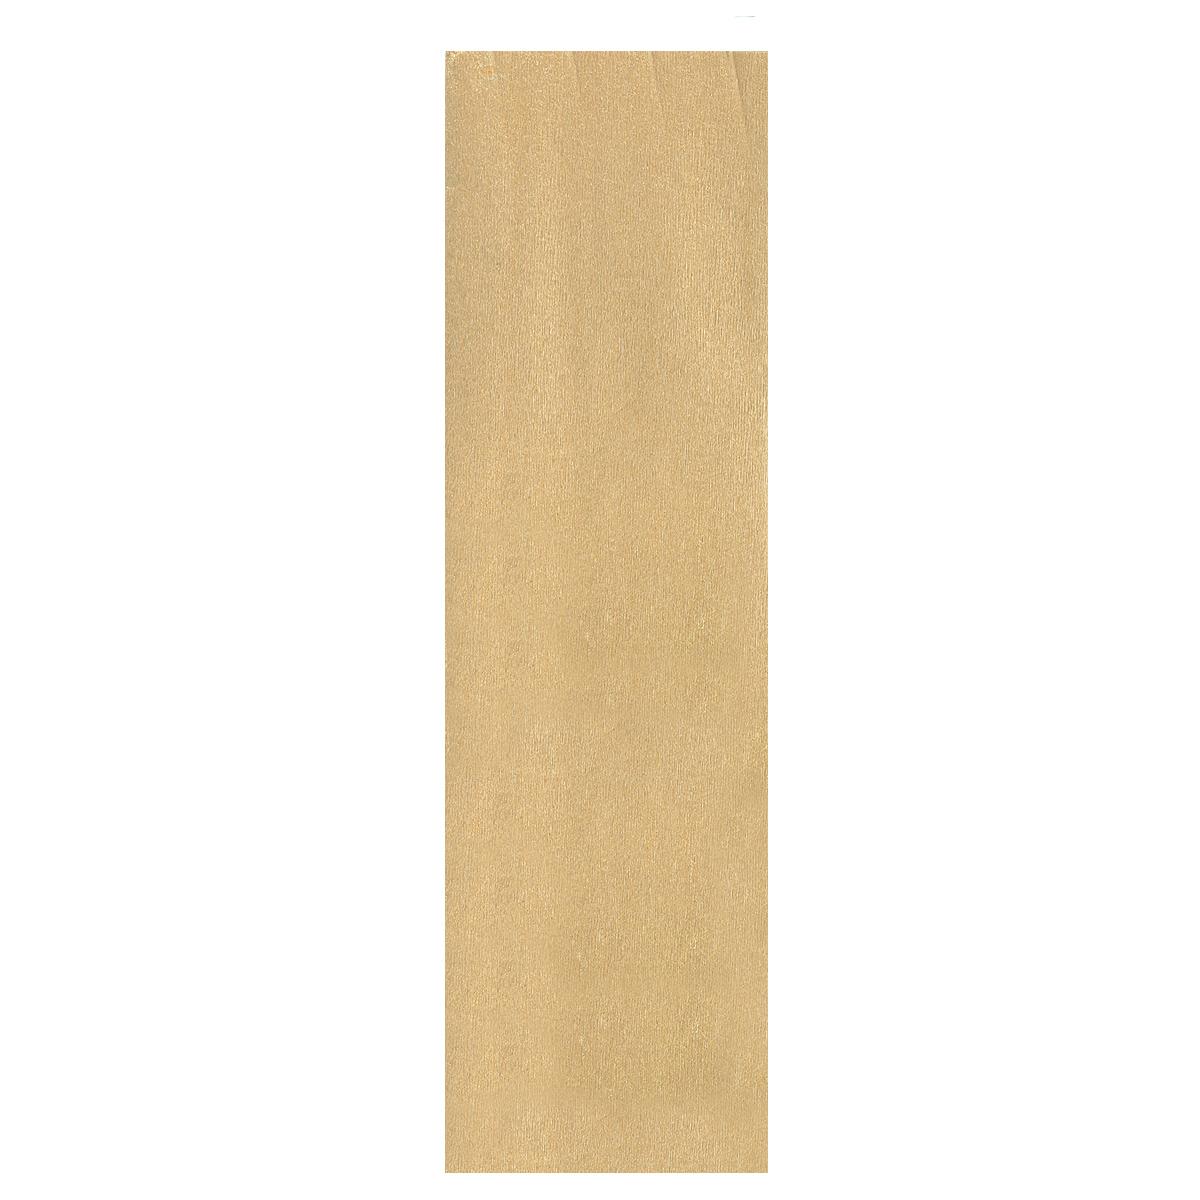 Бумага крепированная Проф-Пресс, металлизированная, цвет: золотистый, 50 х 250 смБ-2302Крепированная металлизированная бумага Проф-Пресс - отличный вариант для воплощения творческих идей не только детей, но и взрослых. Она отлично подойдет для упаковки хрупких изделий, при оформлении букетов, создании сложных цветовых композиций, для декорирования и других оформительских работ. Бумага обладает повышенной прочностью и жесткостью, хорошо растягивается, имеет жатую поверхность. Кроме того, металлизированная бумага Проф-Пресс поможет увлечь ребенка, развивая интерес к художественному творчеству, эстетический вкус и восприятие, увеличивая желание делать подарки своими руками, воспитывая самостоятельность и аккуратность в работе. Такая бумага поможет вашему ребенку раскрыть свои таланты.